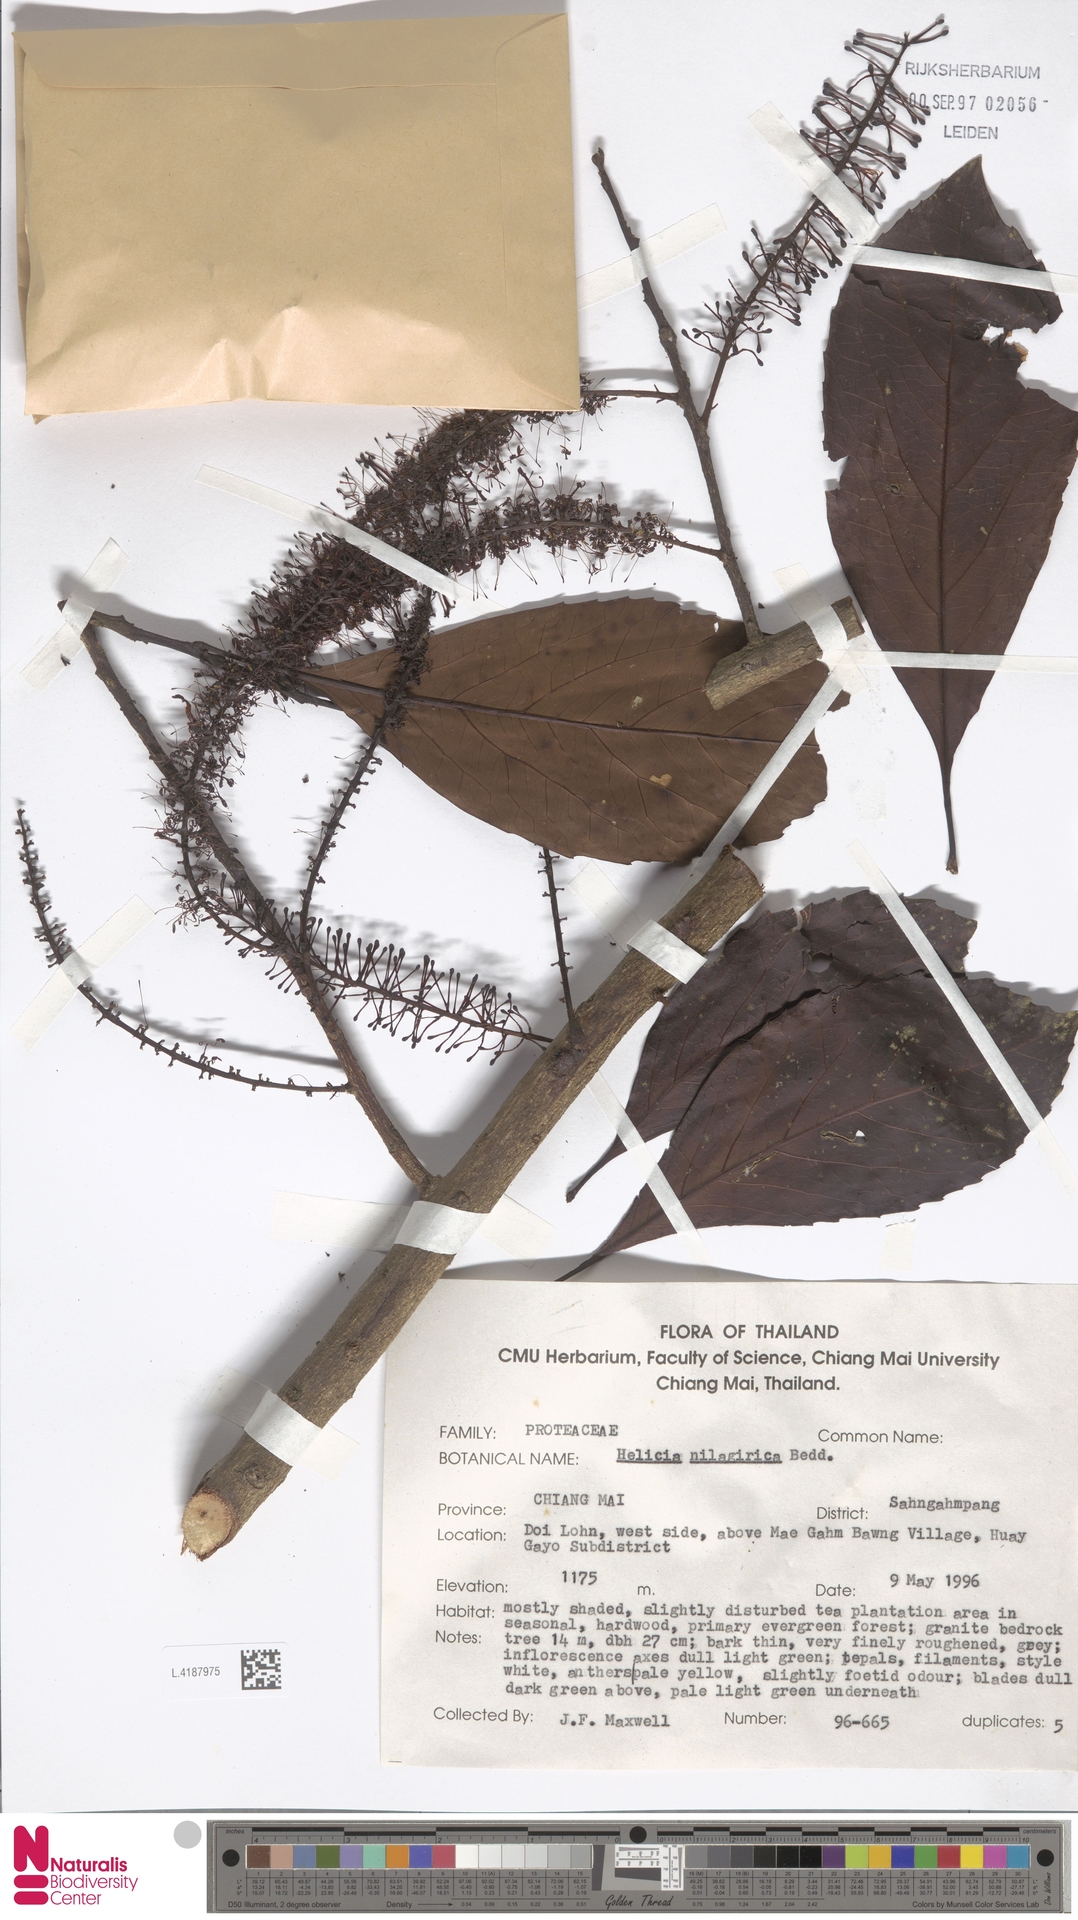 L.4187975 | Helicia nilagirica Bedd.